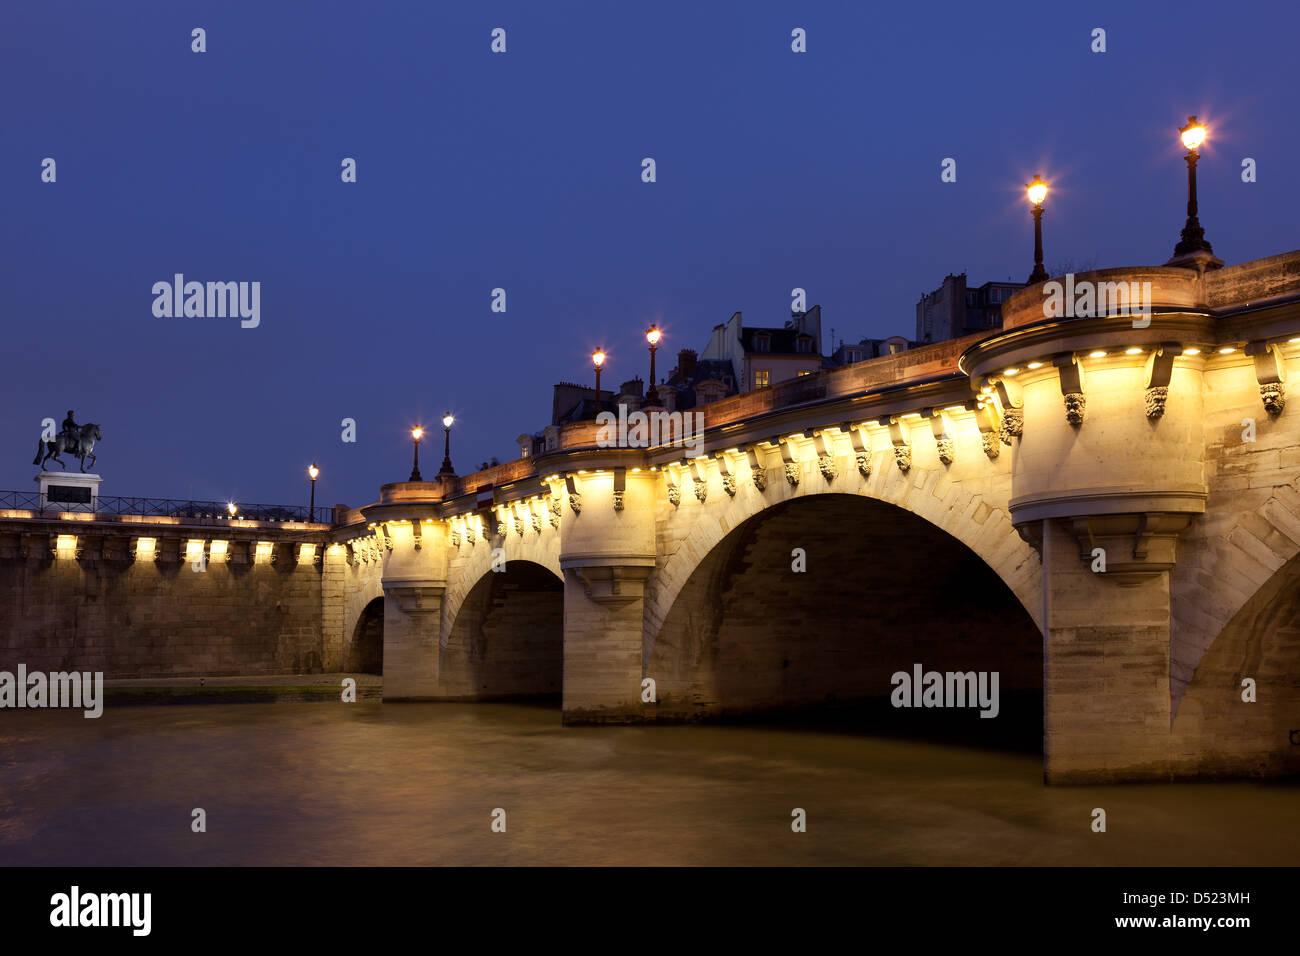 Pont Neuf, Paris, Ile de France, France - Stock Image